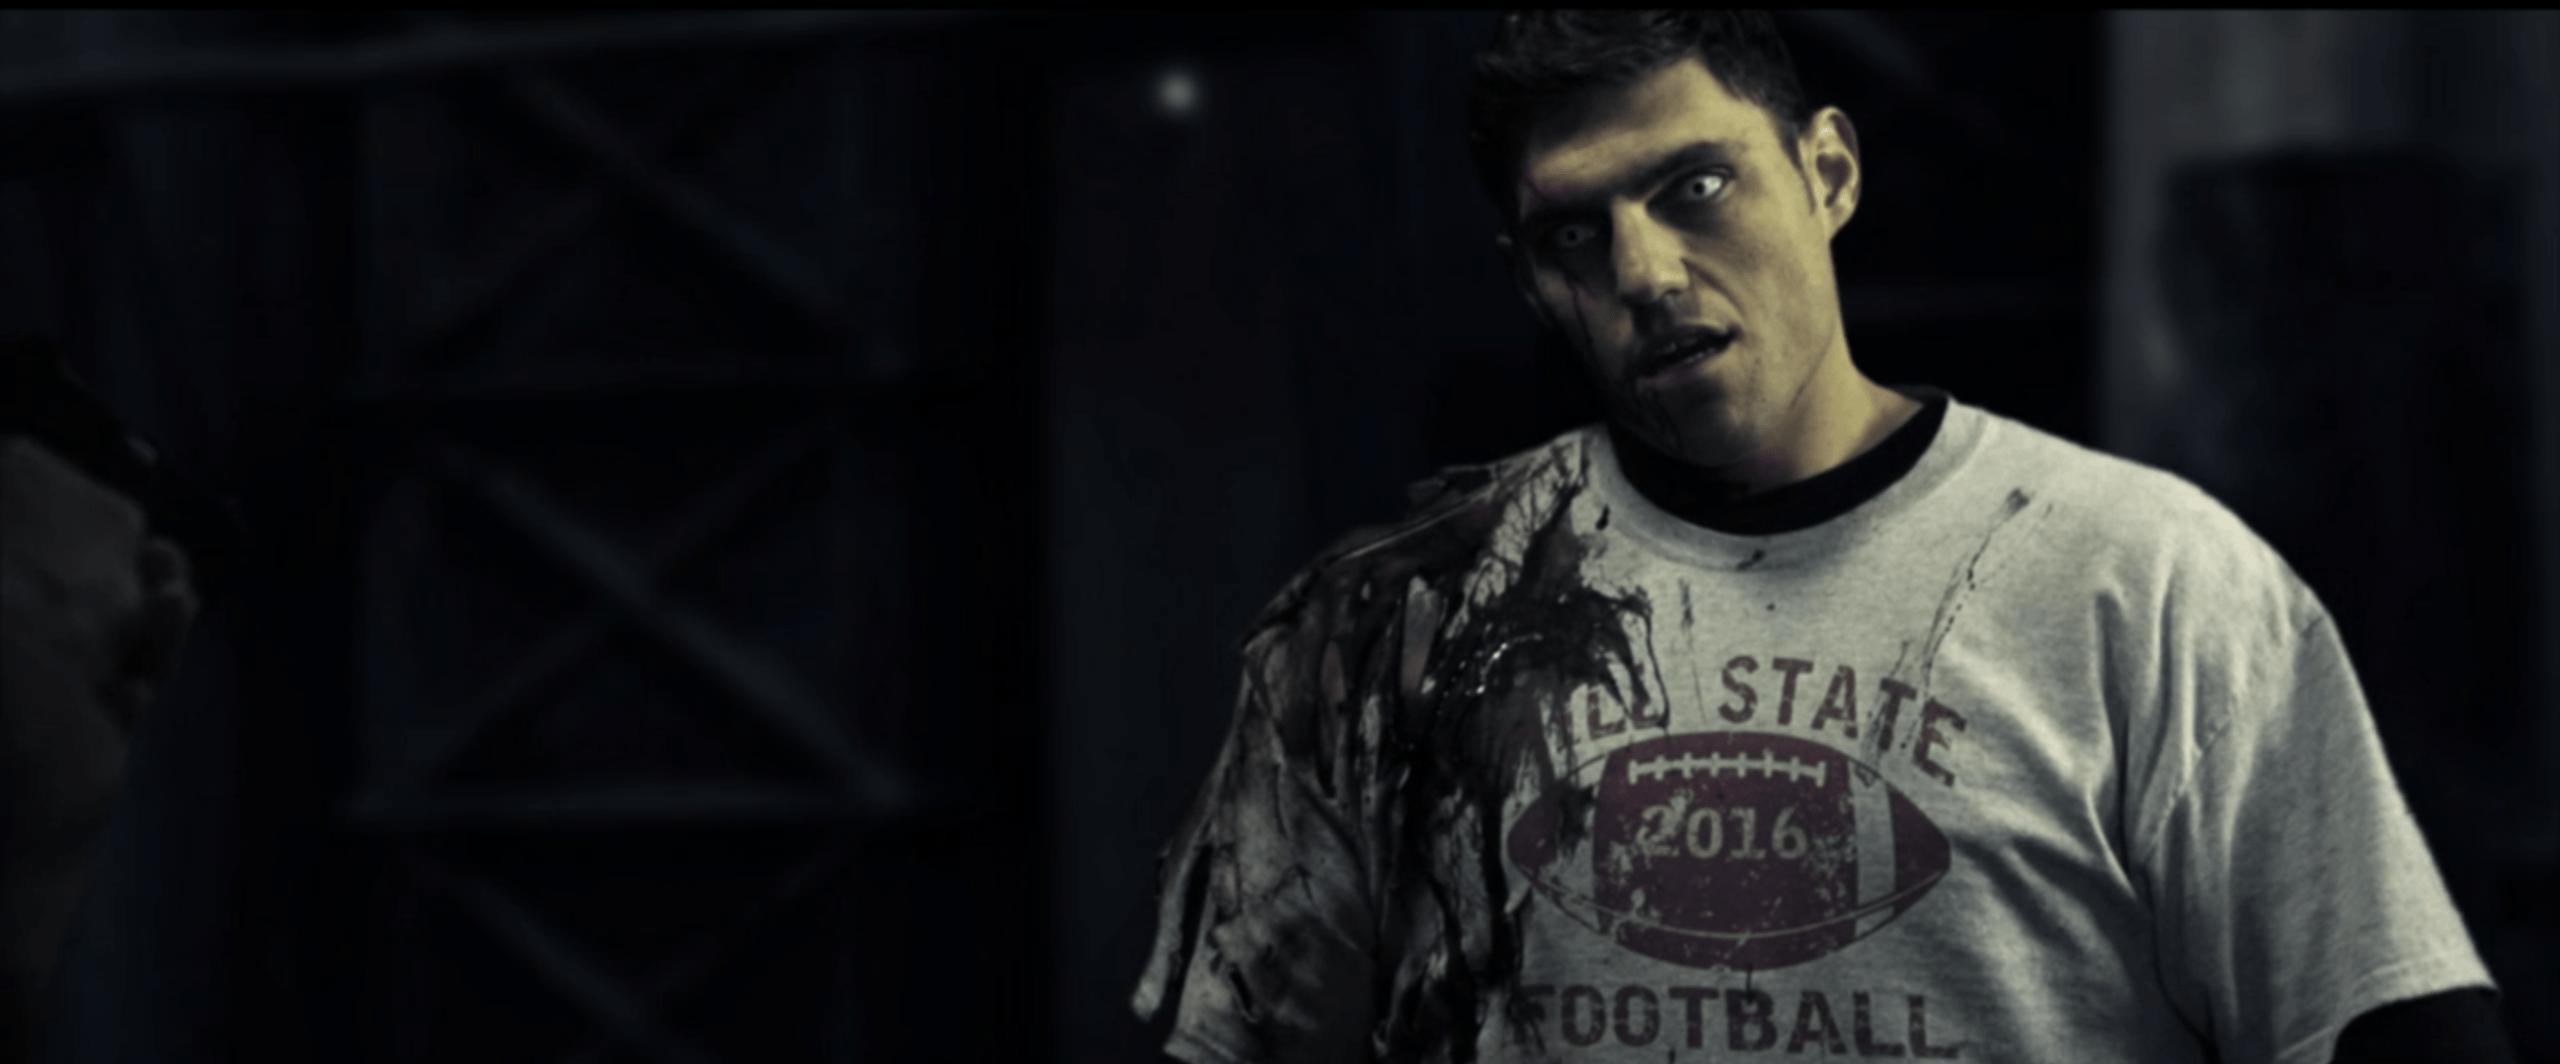 Zombie Meathead Jock